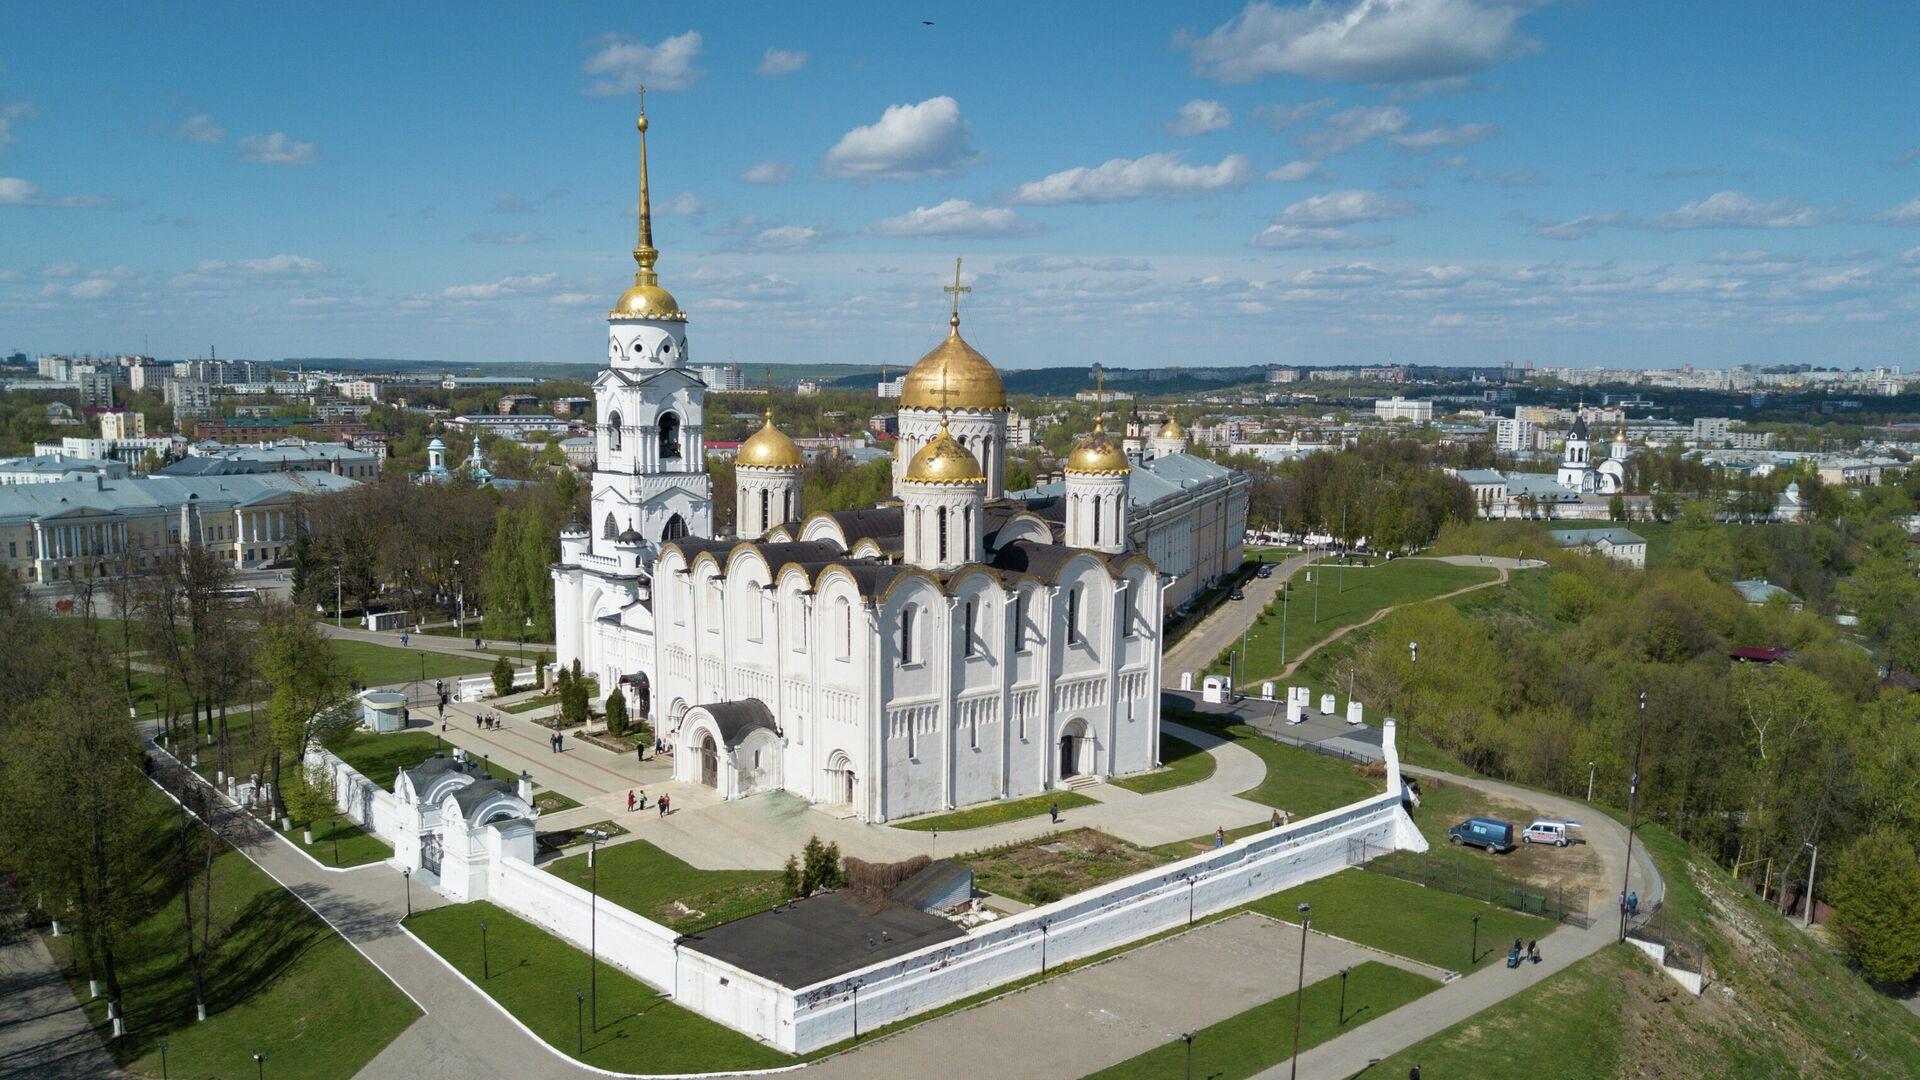 Успенский собор во Владимире - РИА Новости, 1920, 20.07.2021